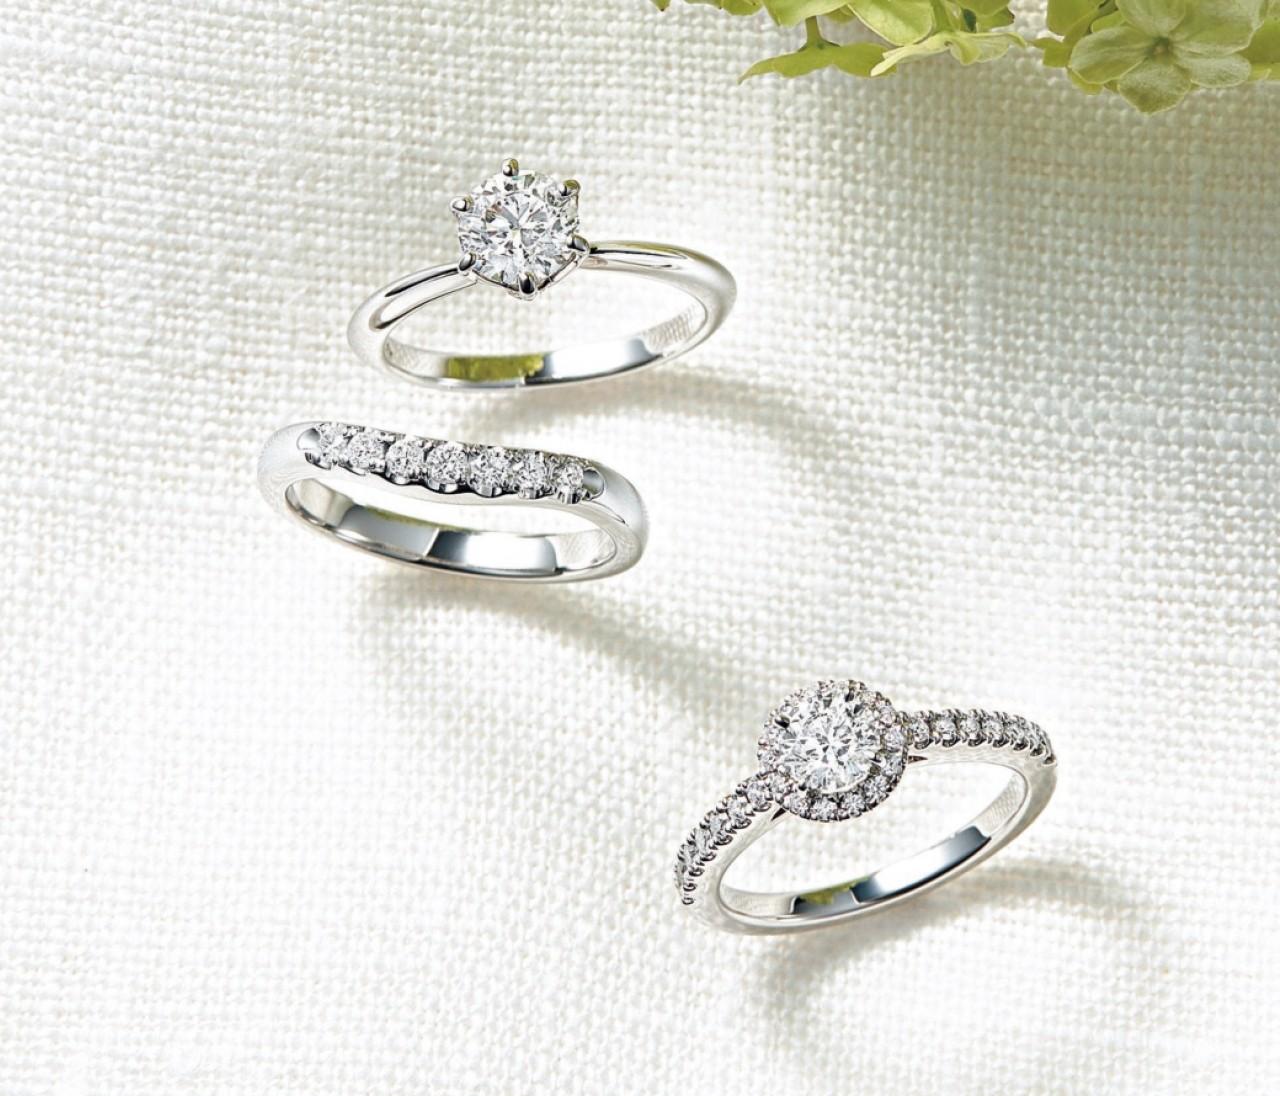 【ミキモトの結婚指輪】世界が認める日本のハイジュエラーで大人の品格を